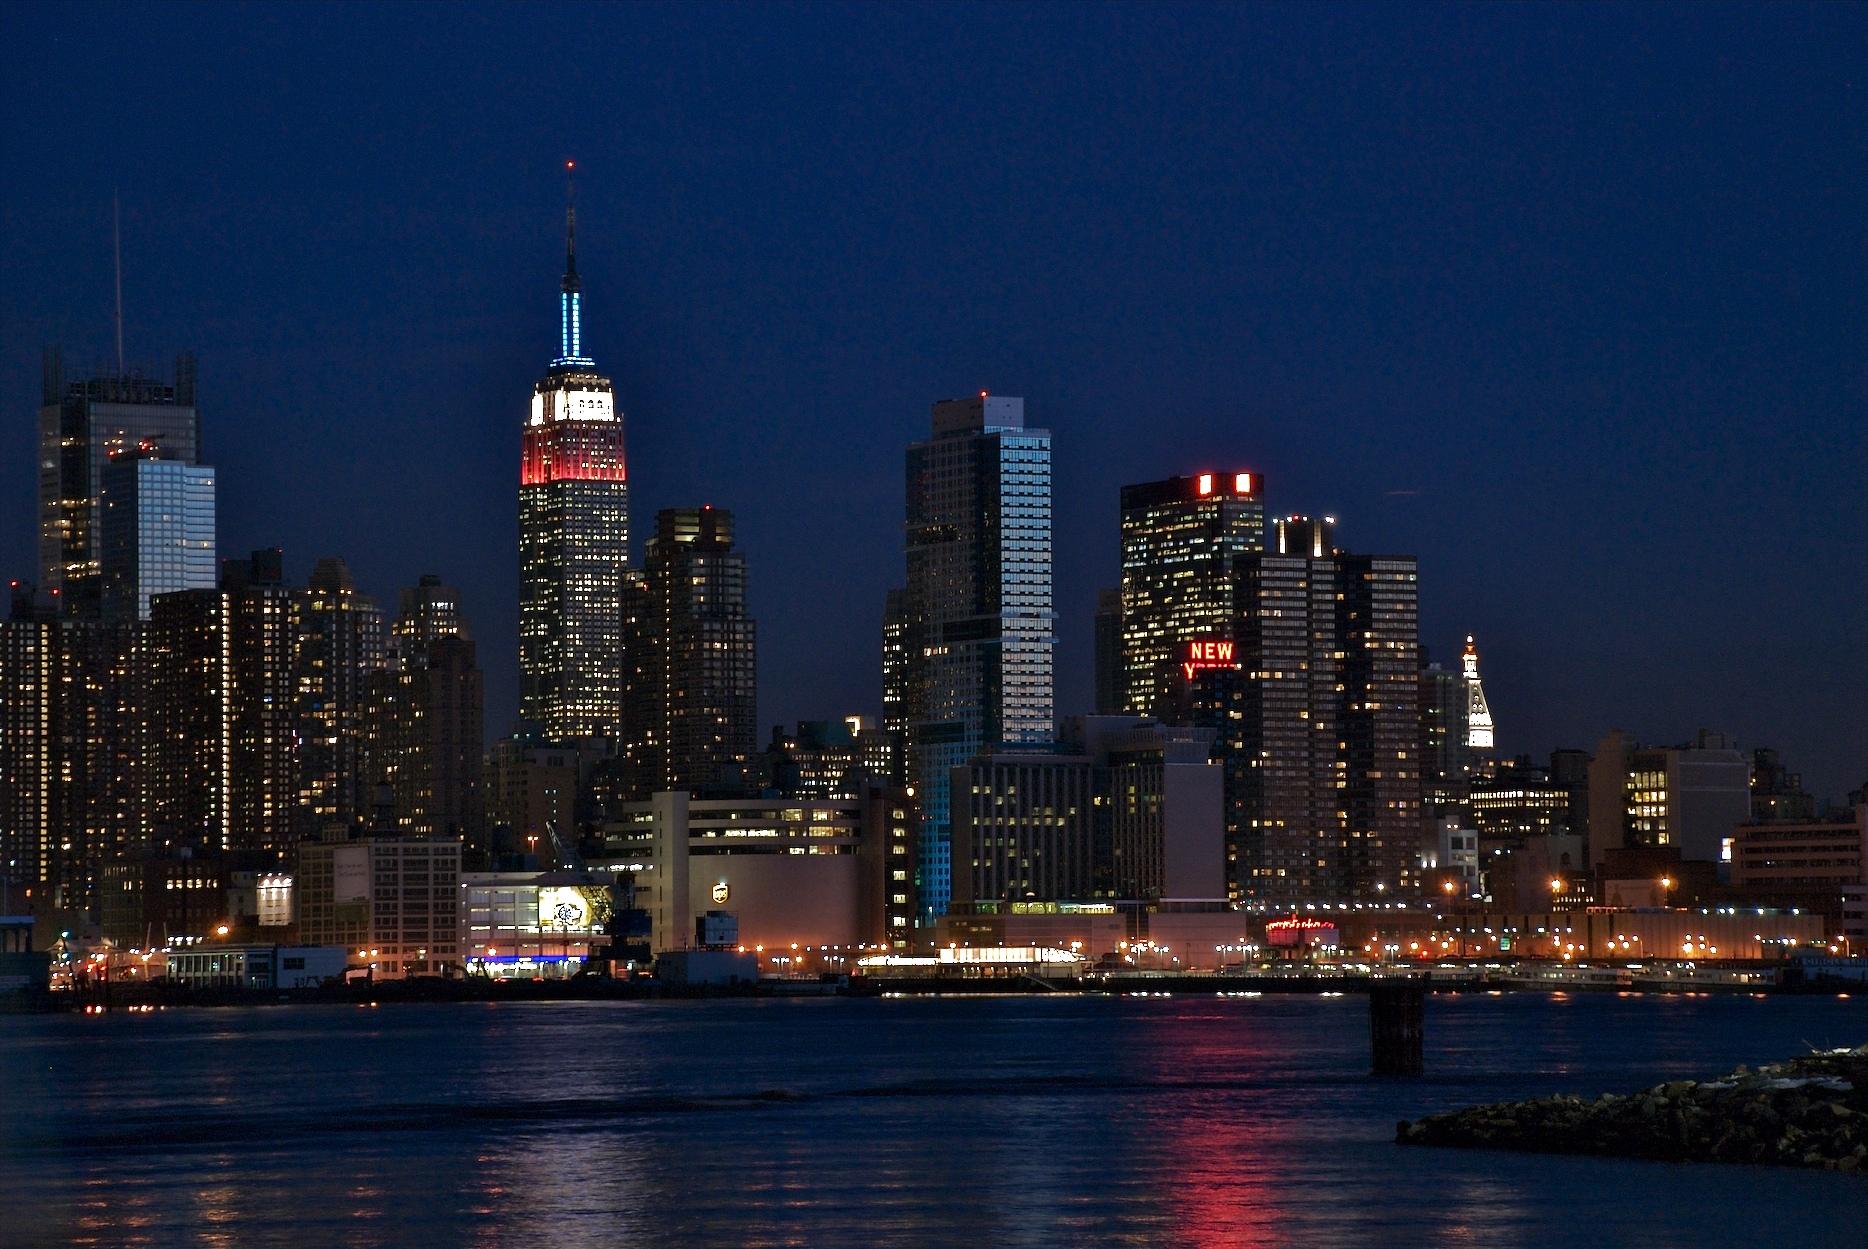 new york at night - photo #36